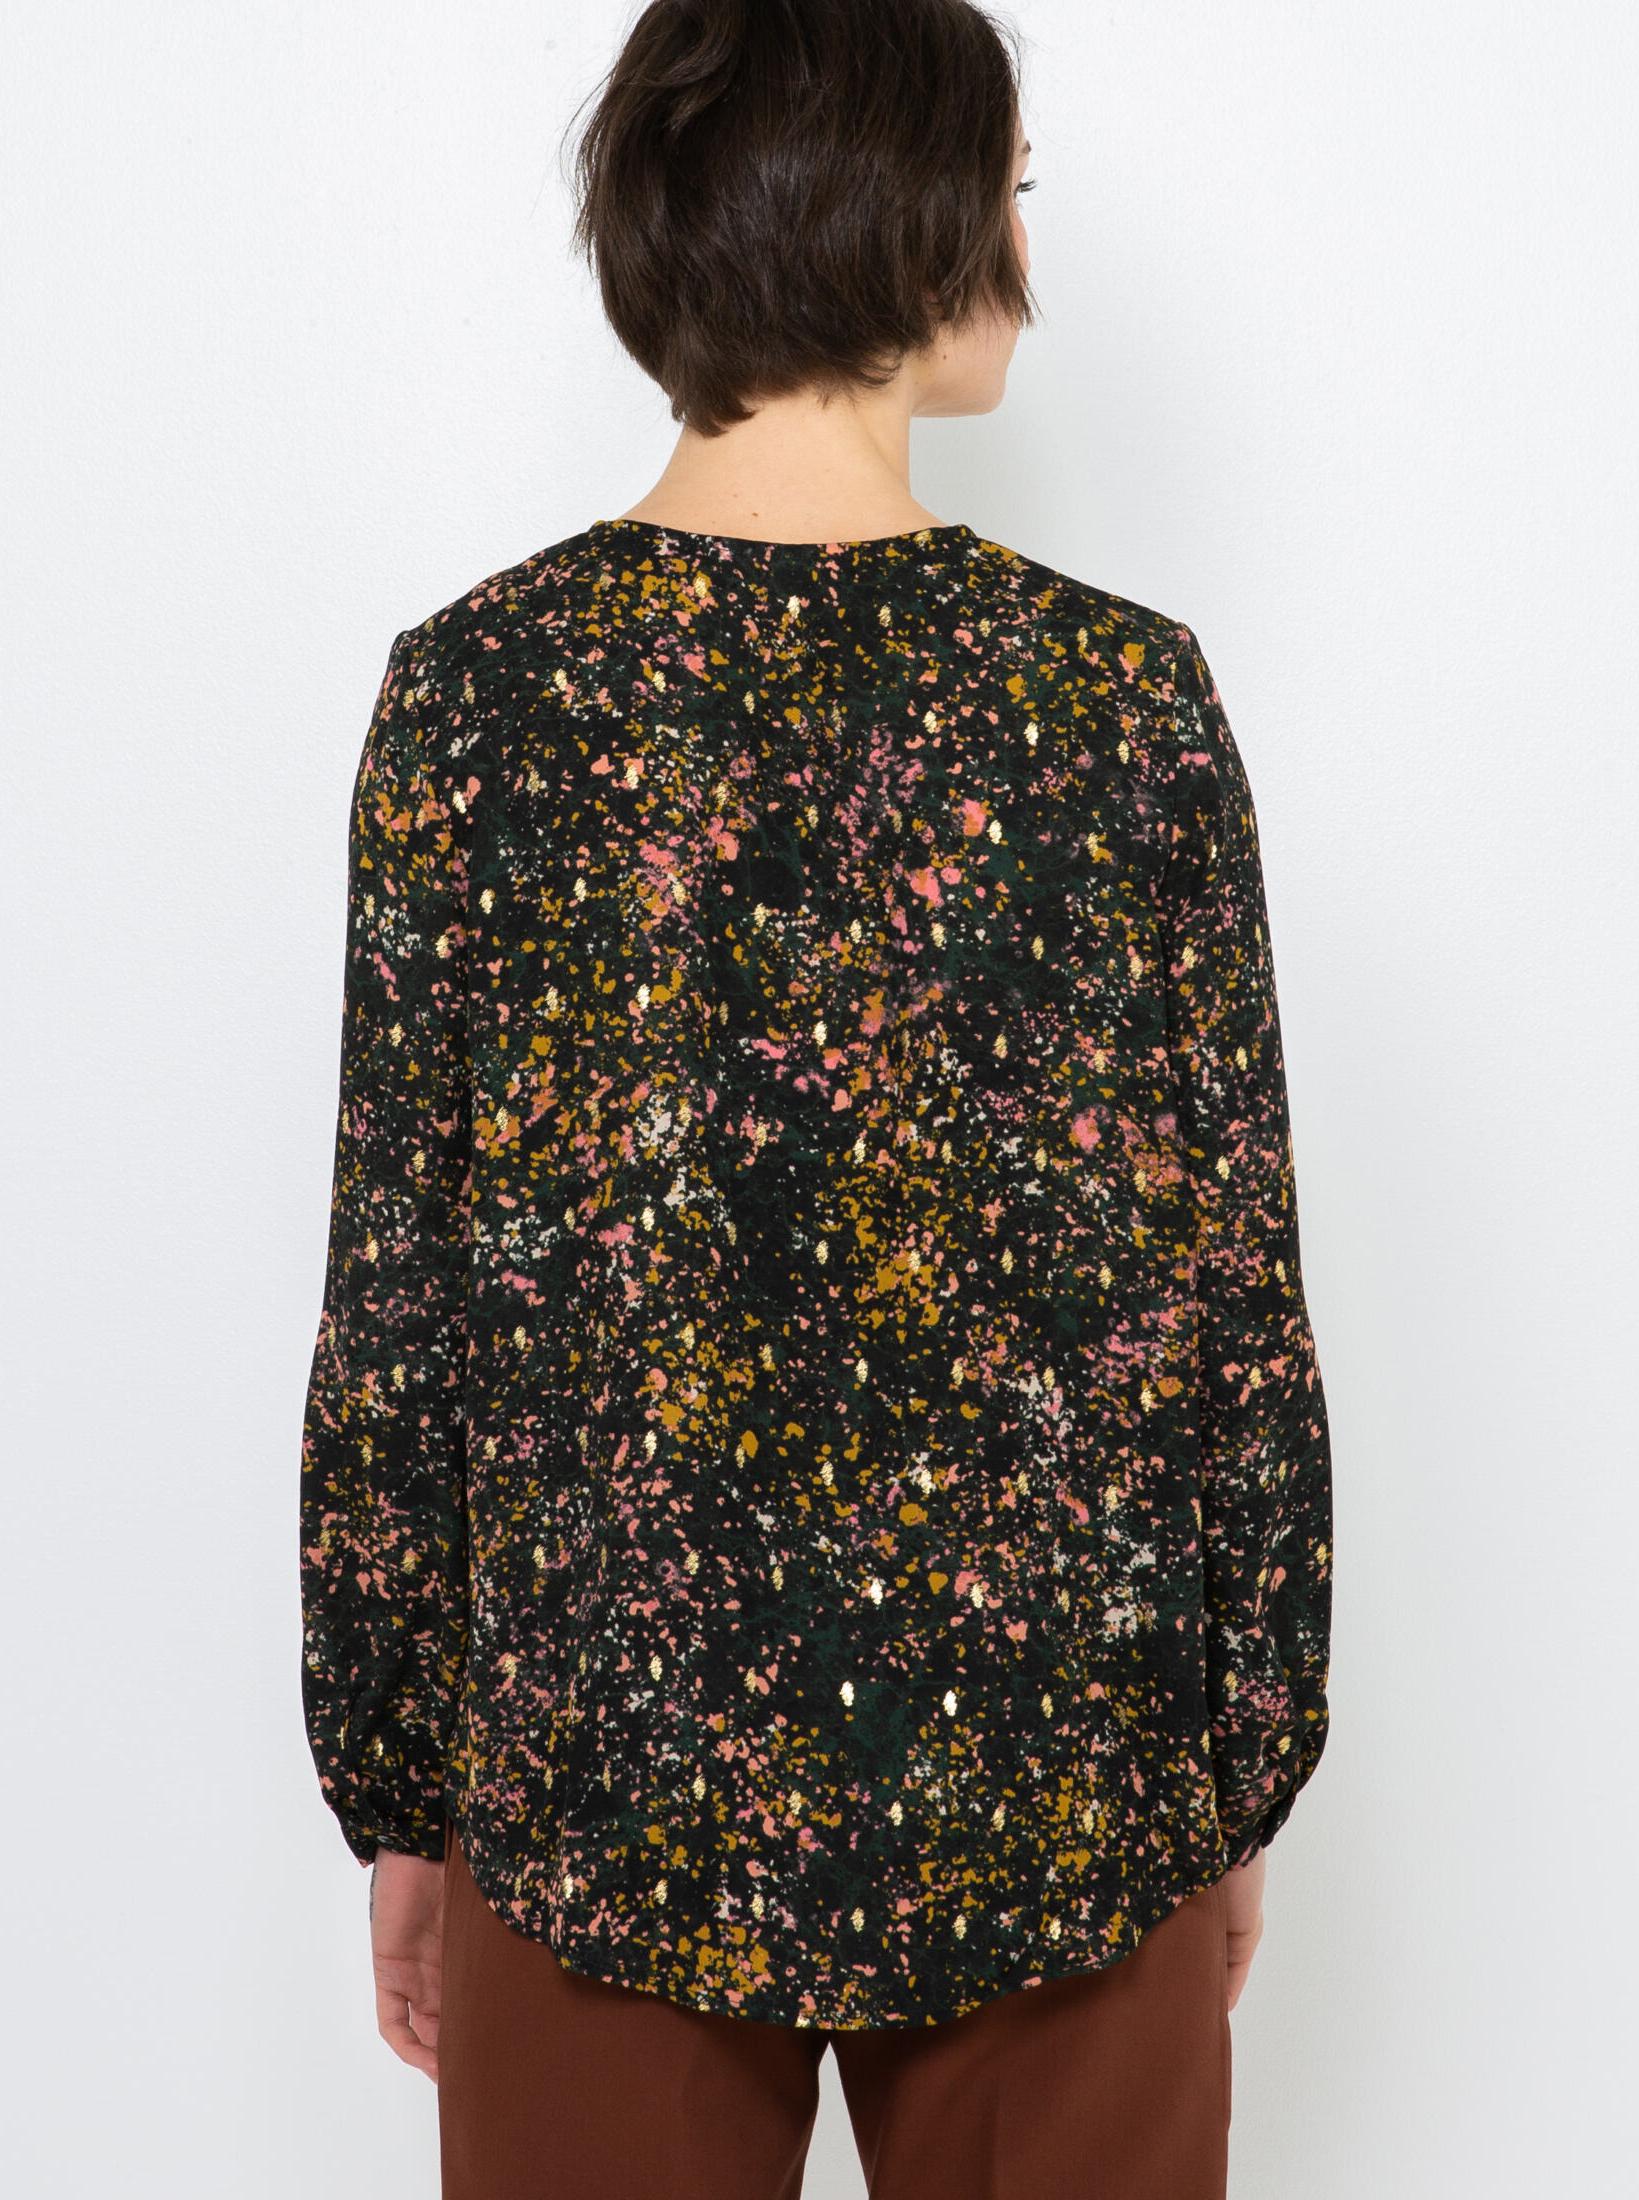 CAMAIEU blouse with pattern